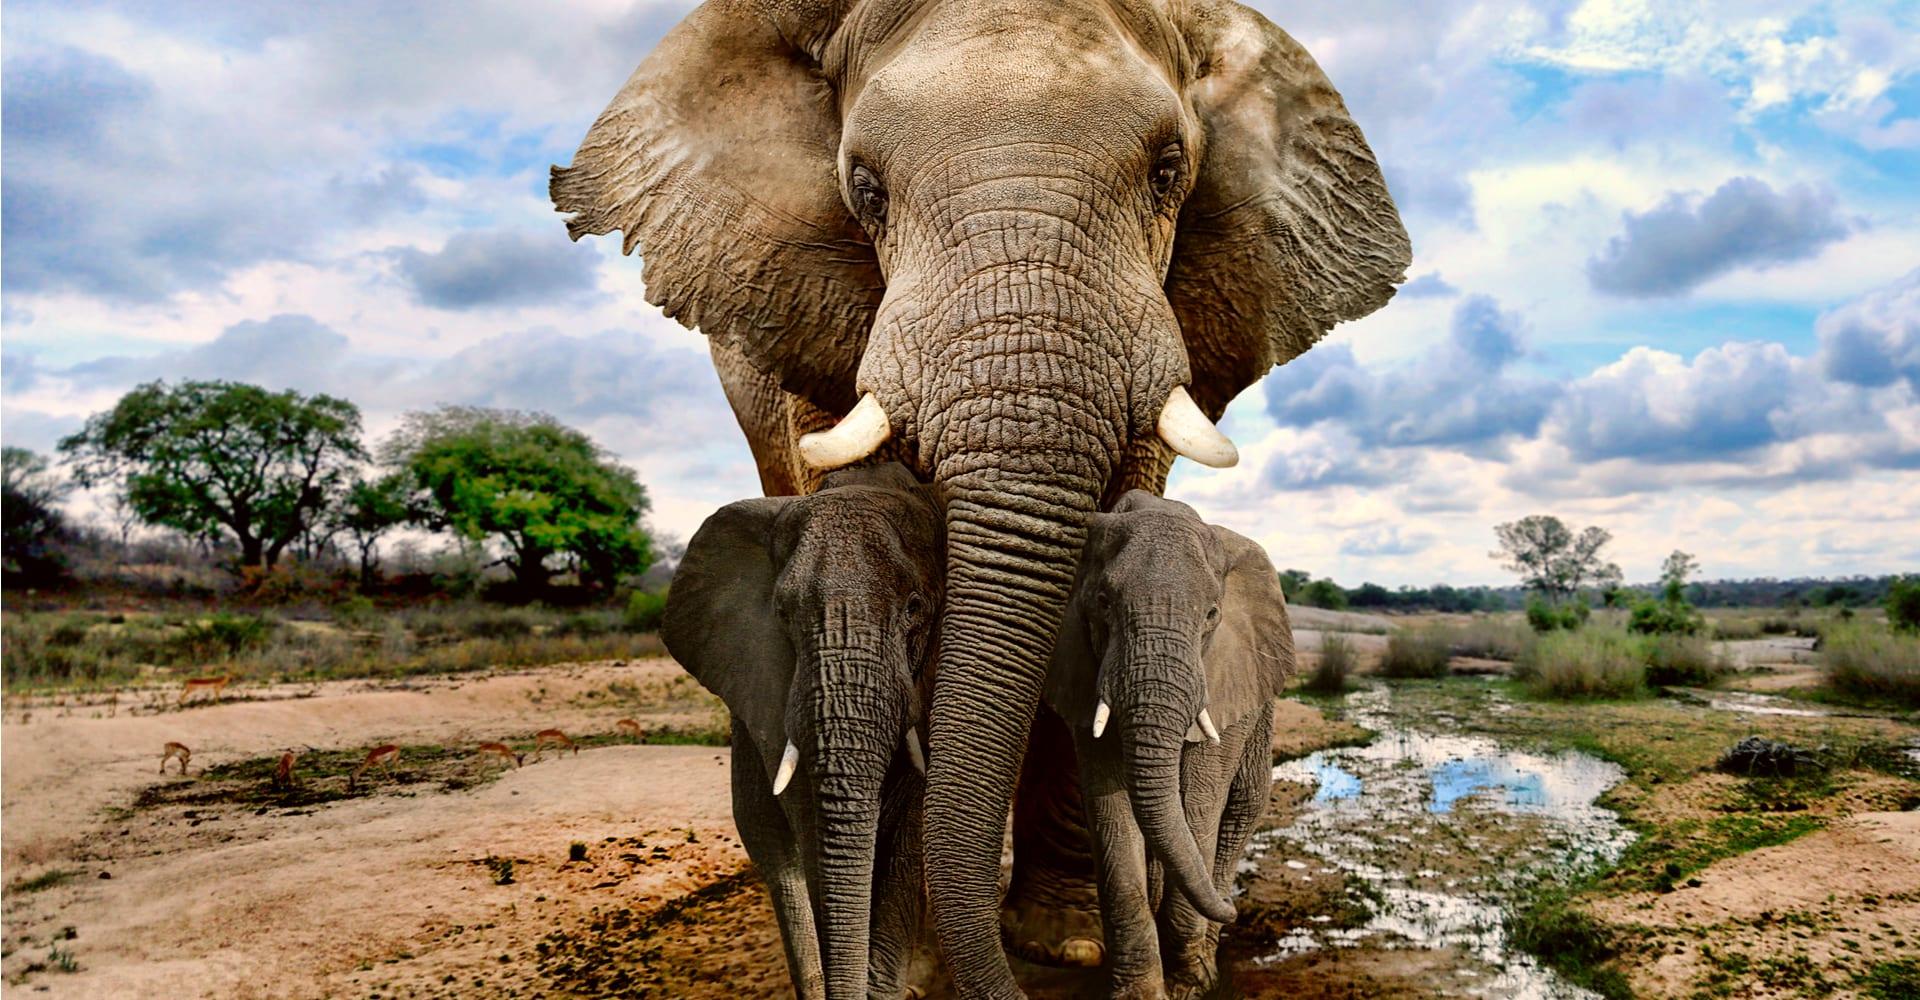 Magellan Tours - Elefant med elefantunger i Afrika